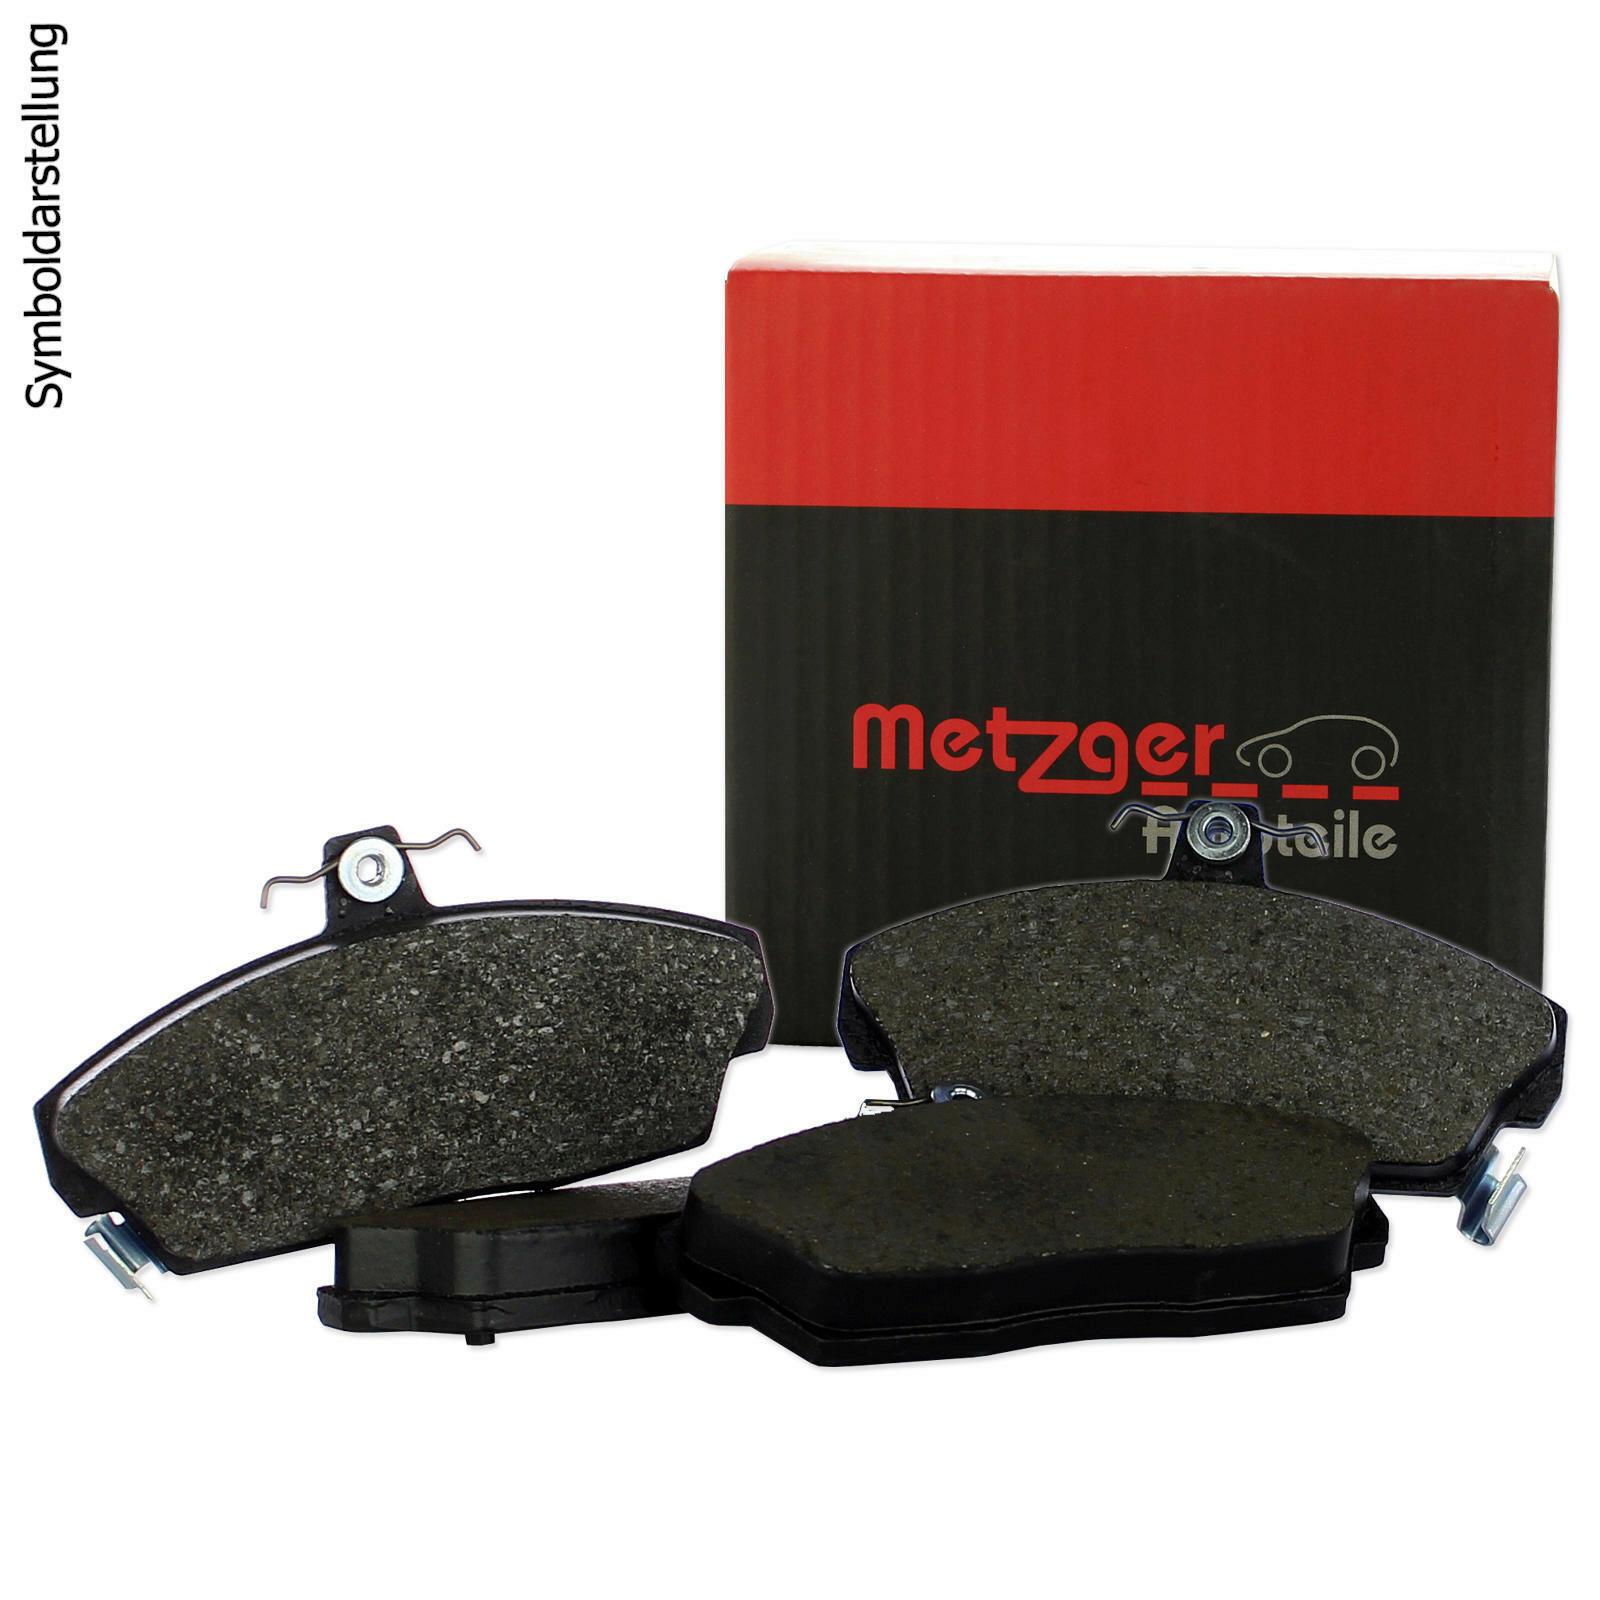 METZGER Zubehörsatz Scheibenbremsbelag 109-1166 hinten für MAZDA Sport GH GG GY